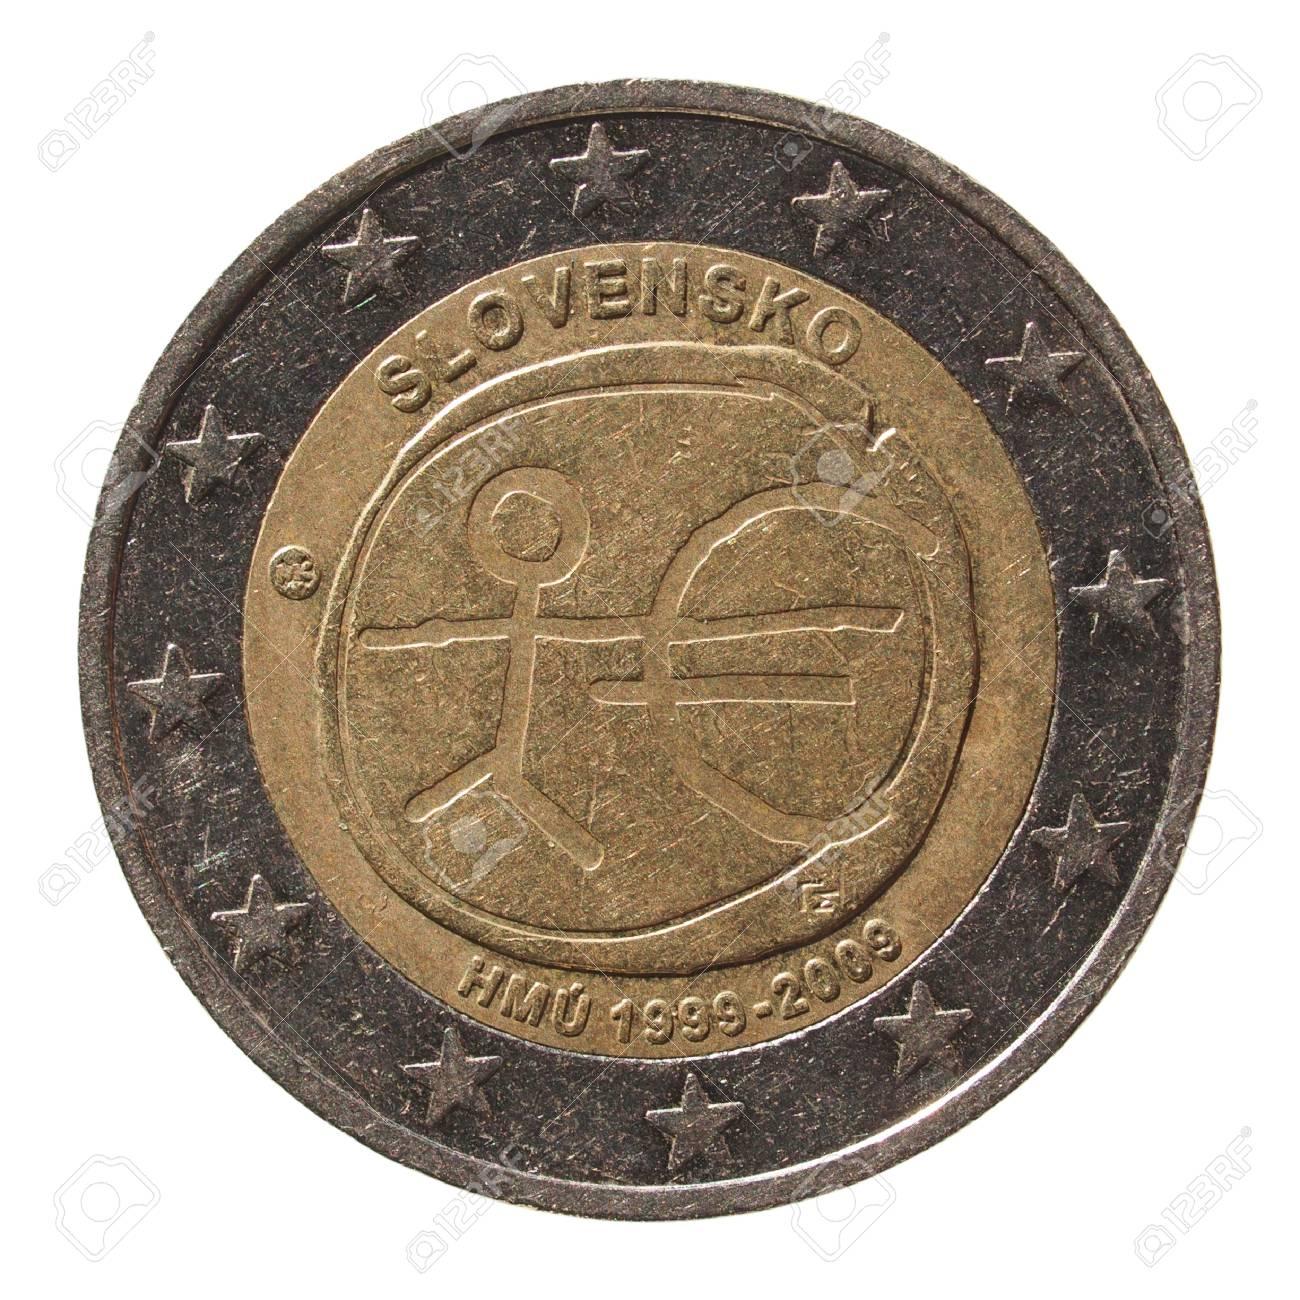 Gedenk 2 Euro Münze Slowakei 2009 10 Jahrestag Der Euro Währung